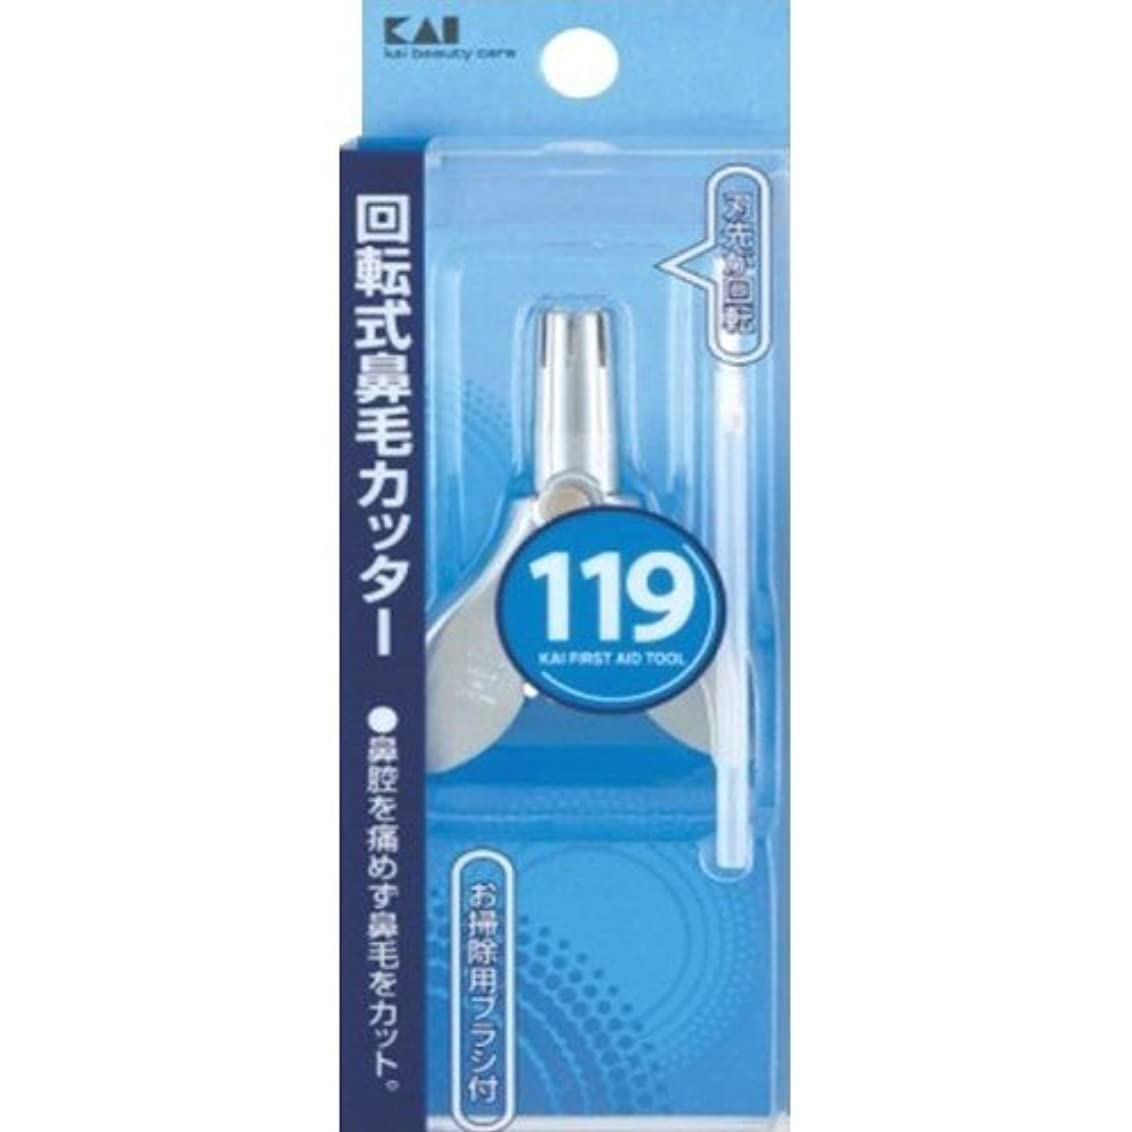 広げるを必要としています保証する貝印 119 回転式鼻毛カッター KF1038